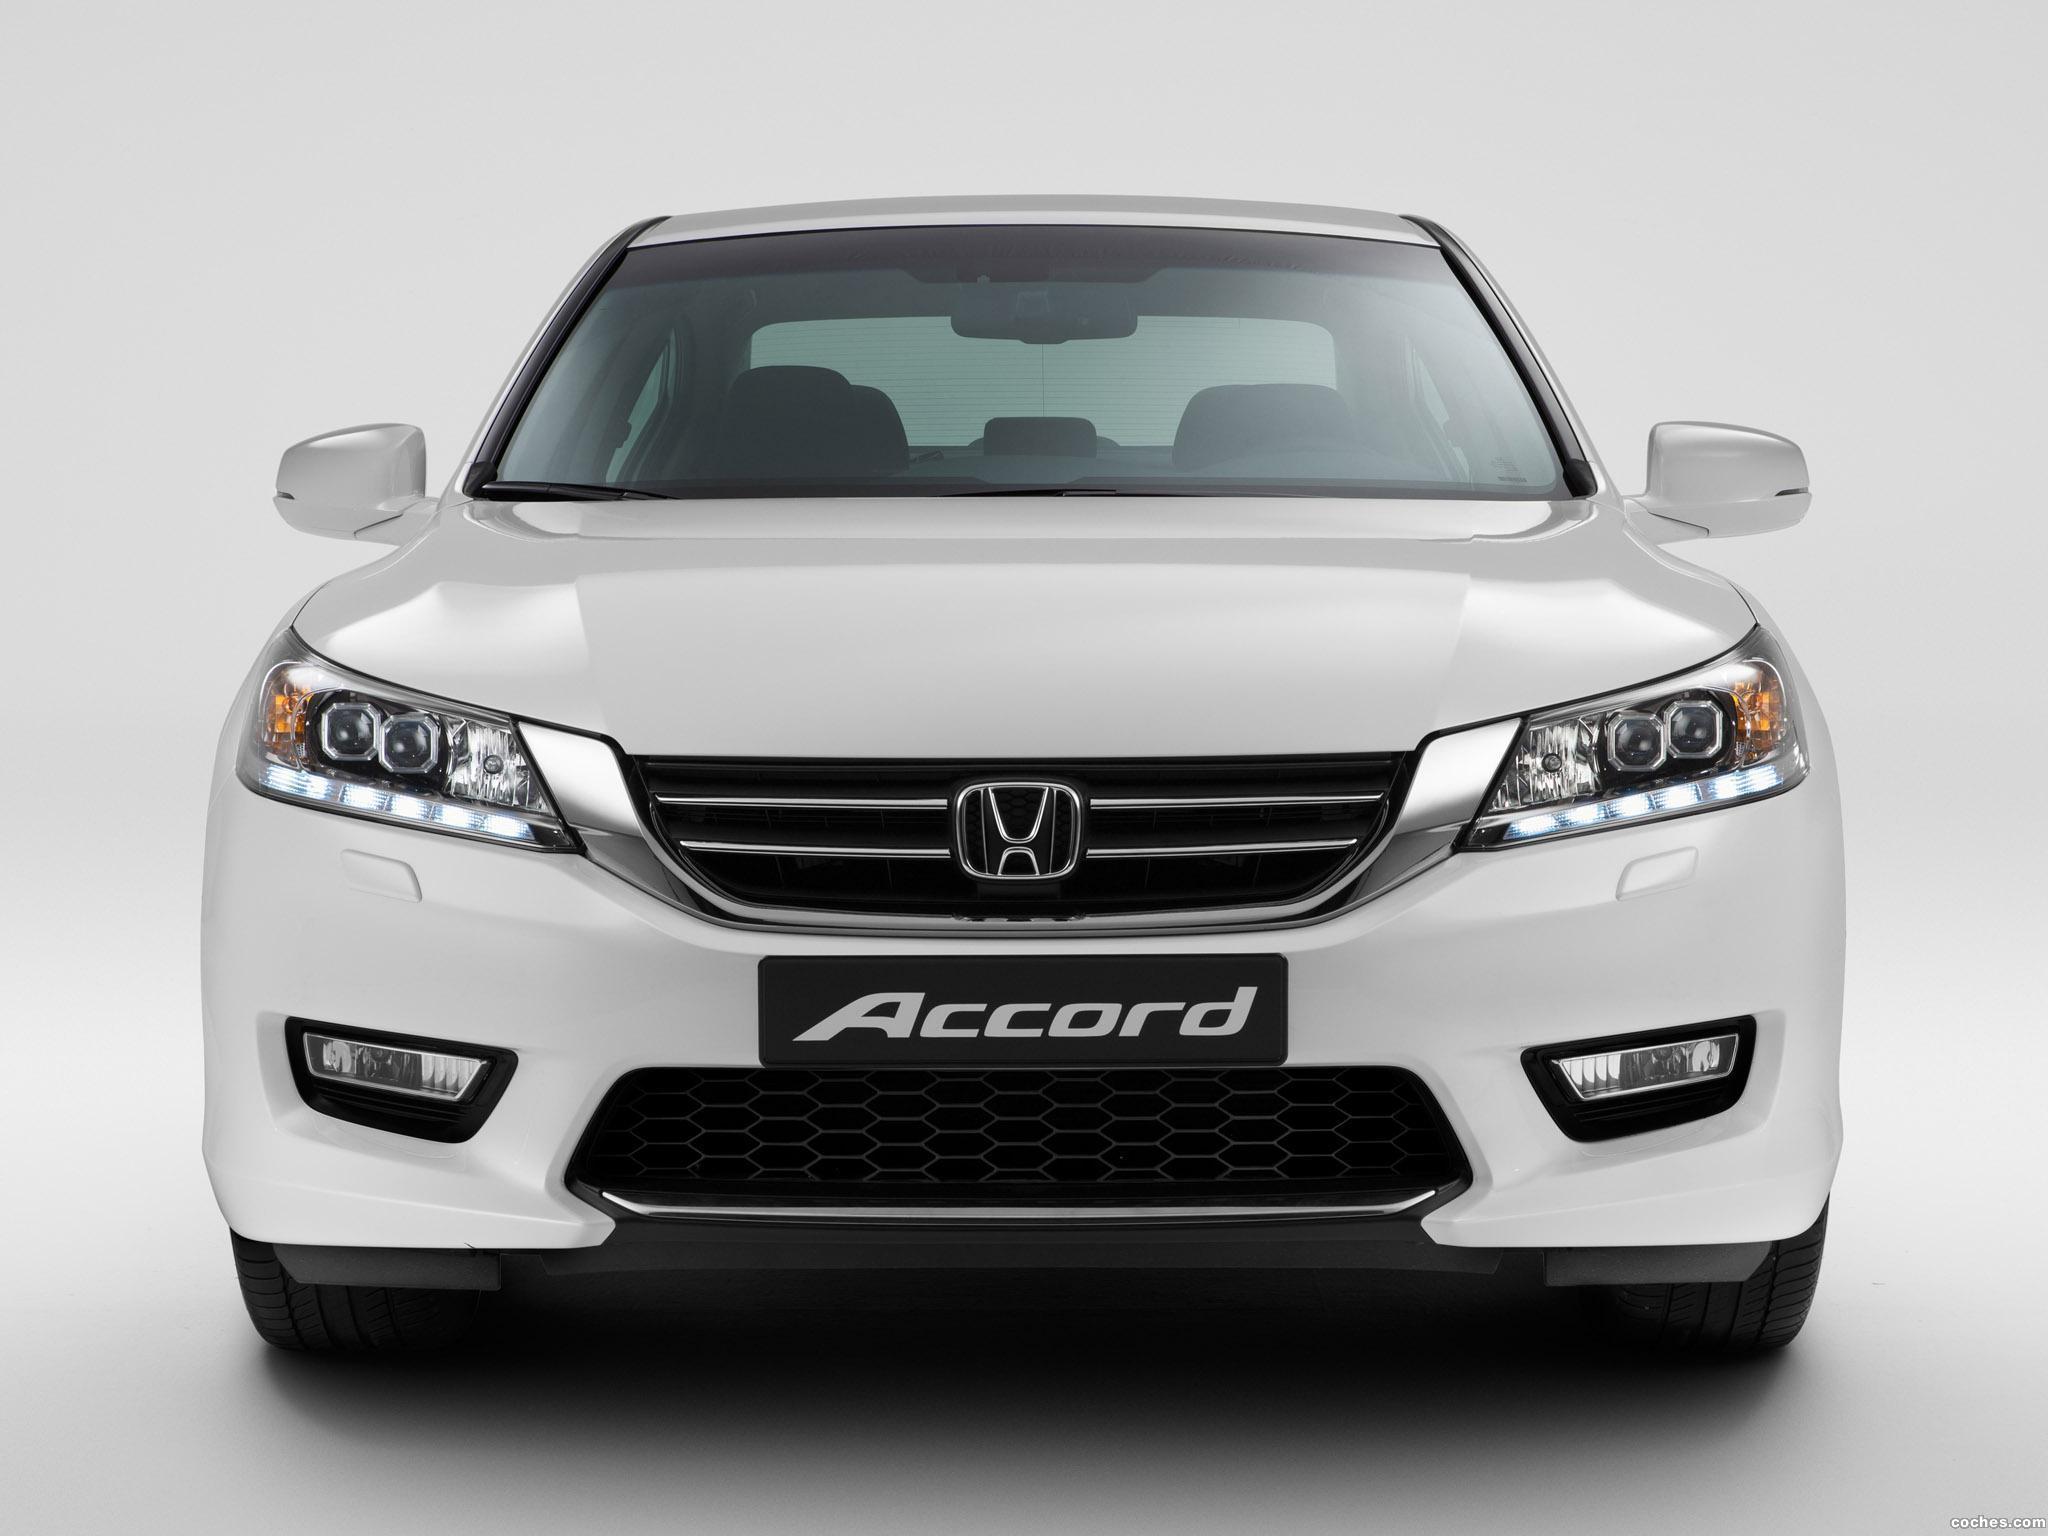 Foto 3 de Honda Accord Sedan 2013